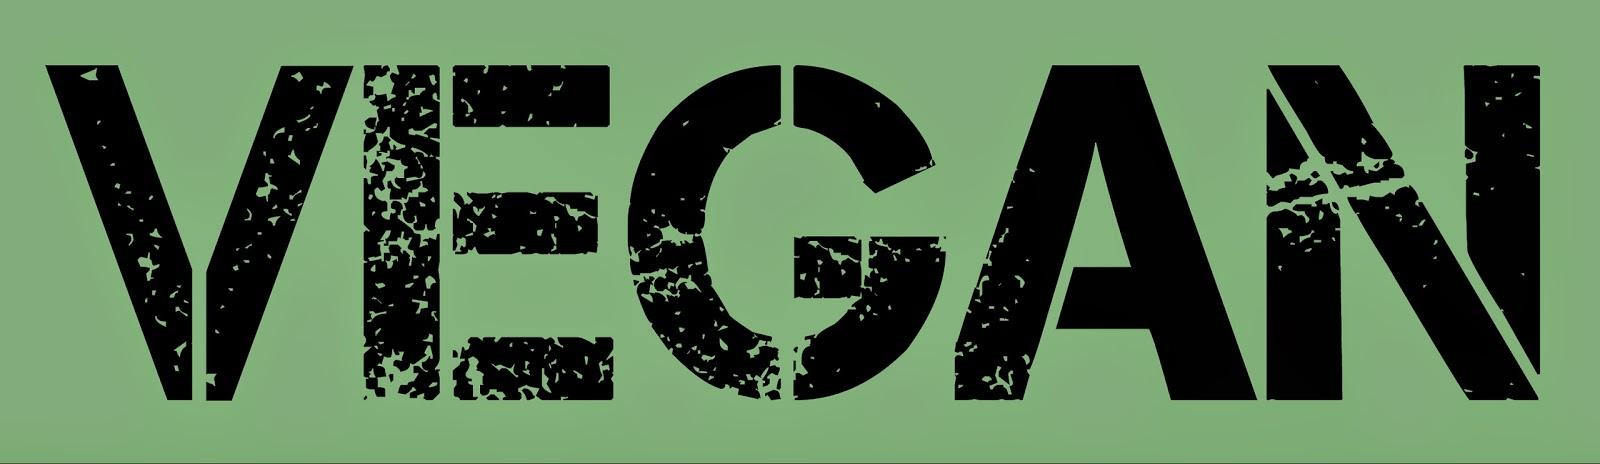 Filosofía Vegana: La definición de veganismo